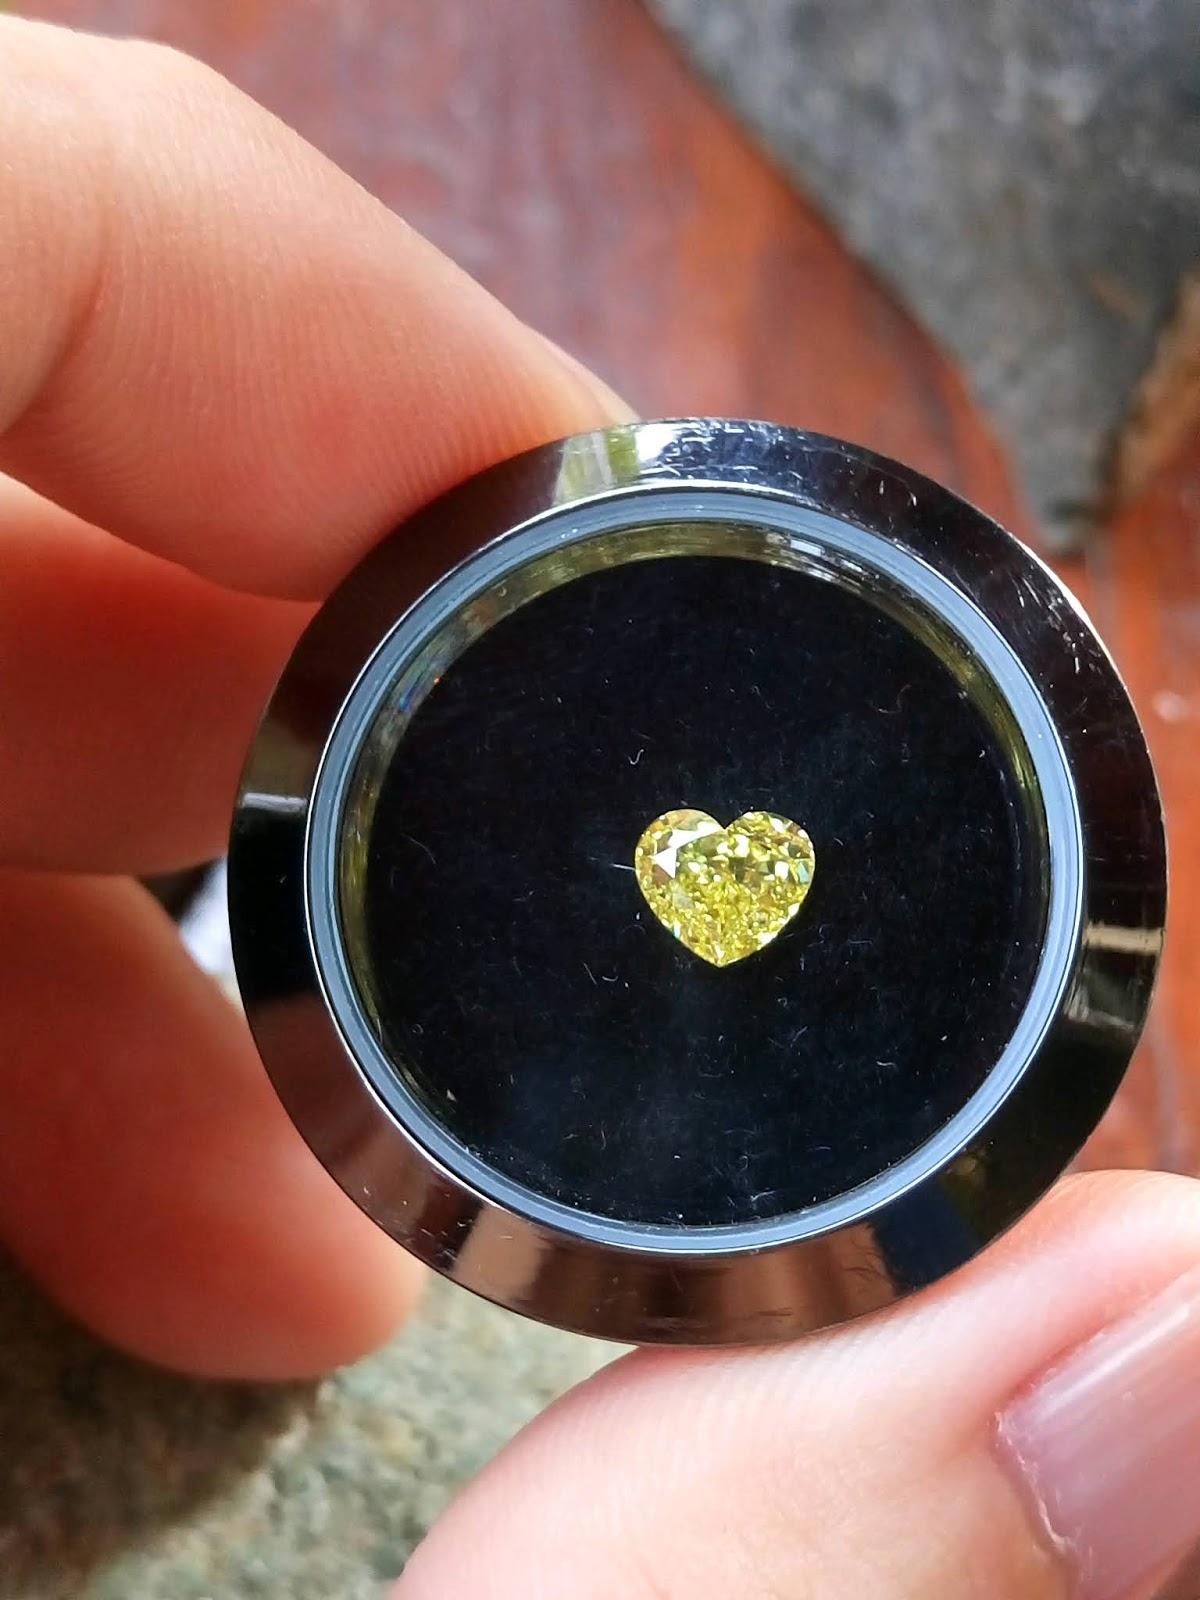 Kim cương thiên nhiên màu vàng, giác trái tim đã kiểm định GIA Hoa Kỳ, mã số cạnh 5182638294